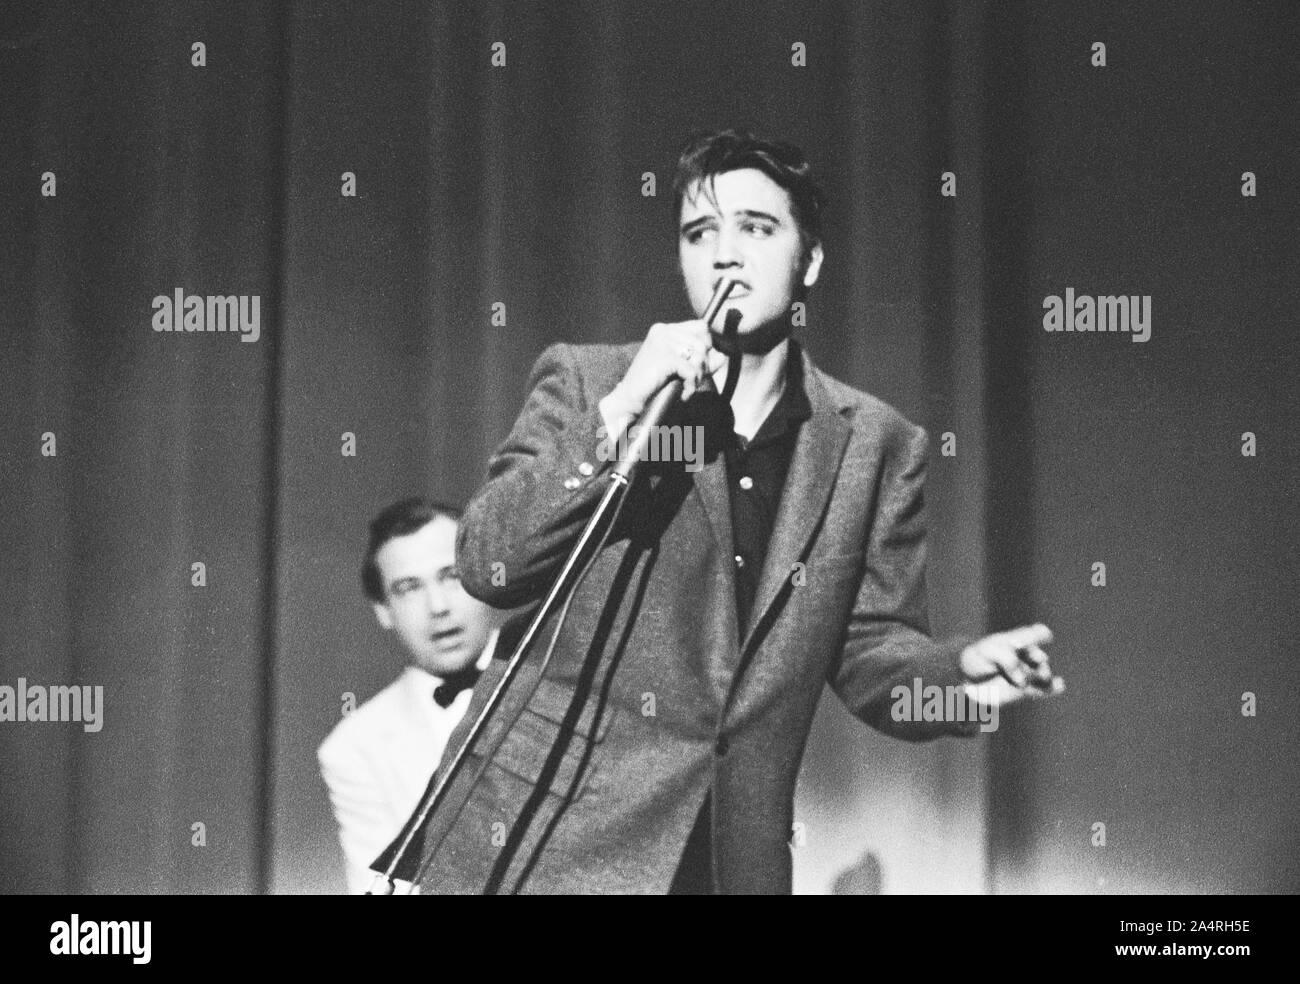 Elvis Presley eseguendo il 26 maggio 1956. La prestazione ha avuto luogo presso la Veteran's Memorial Auditorium, Columbus, Ohio. Foto Stock